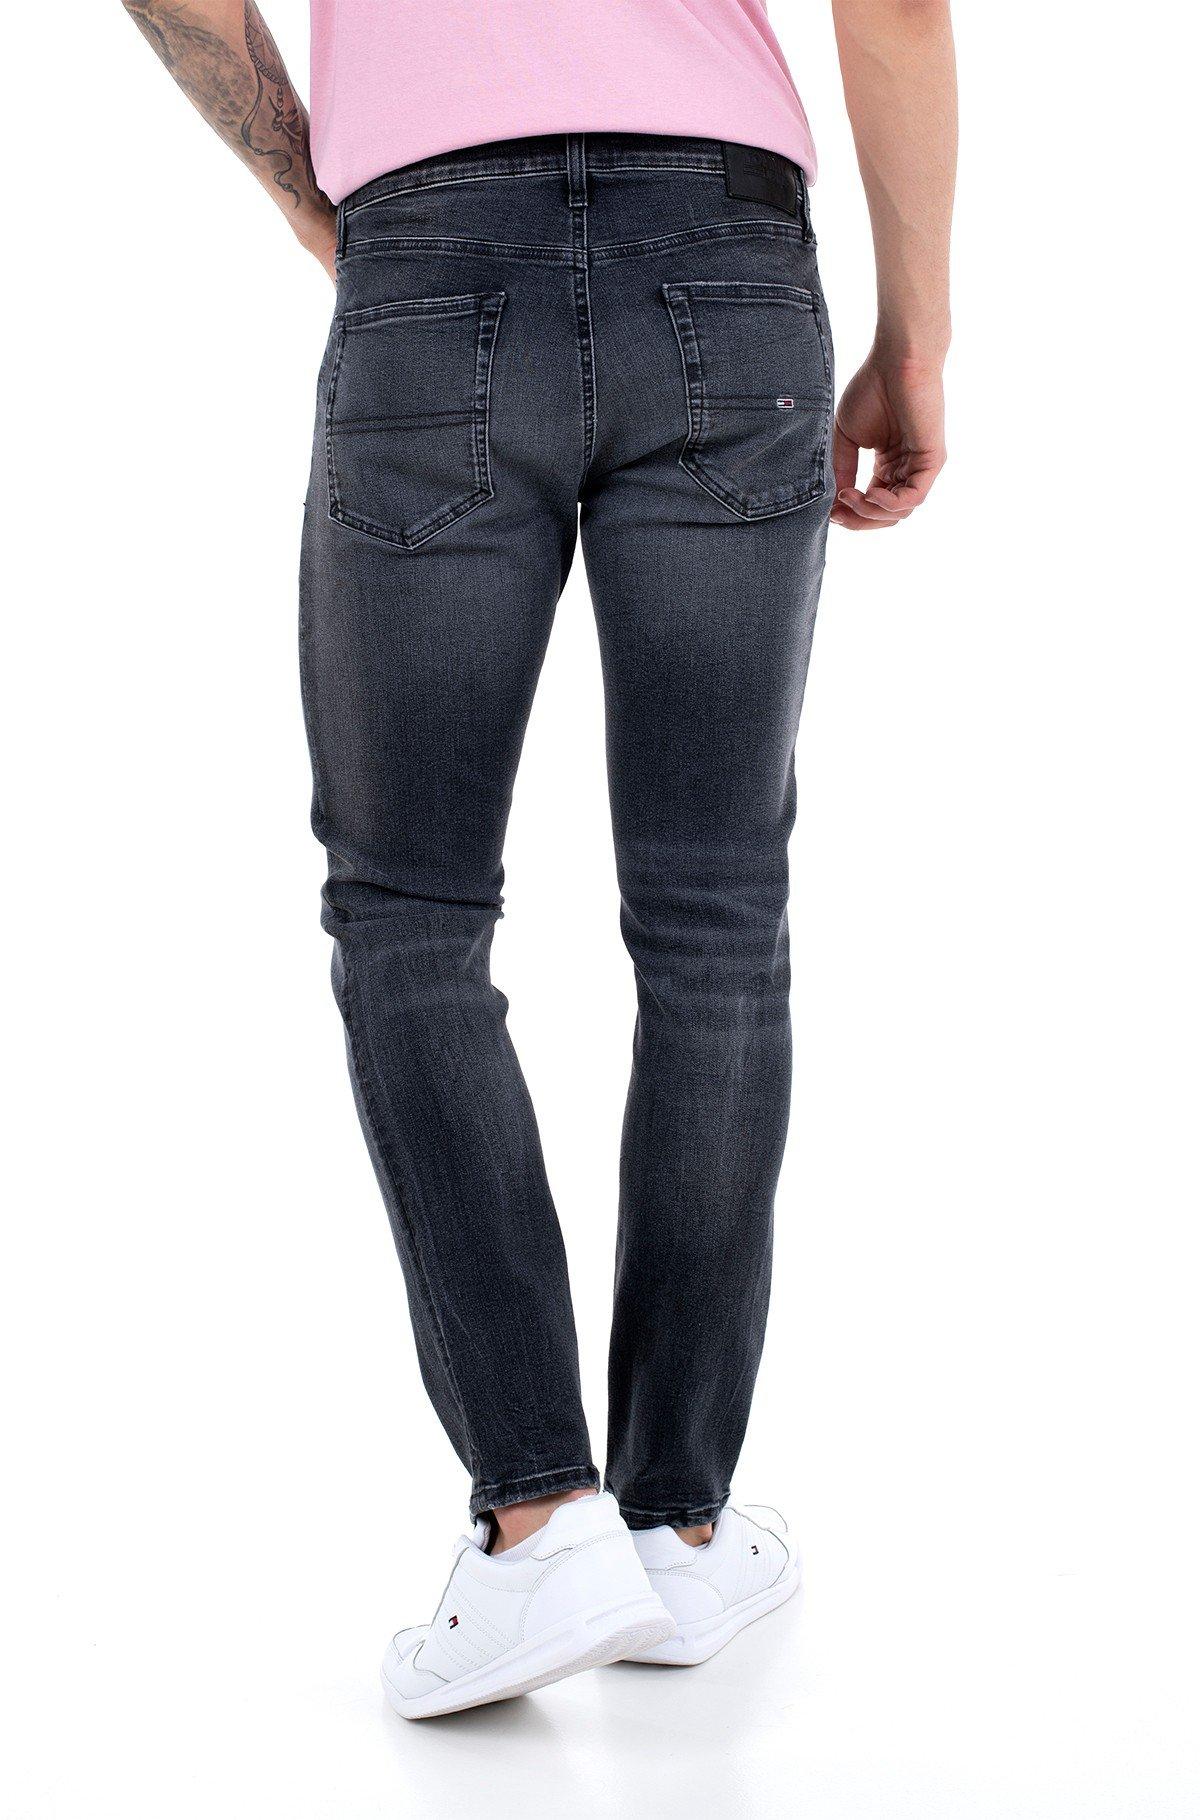 Jeans AUSTIN SLIM TPRD DYBRBKS-full-2